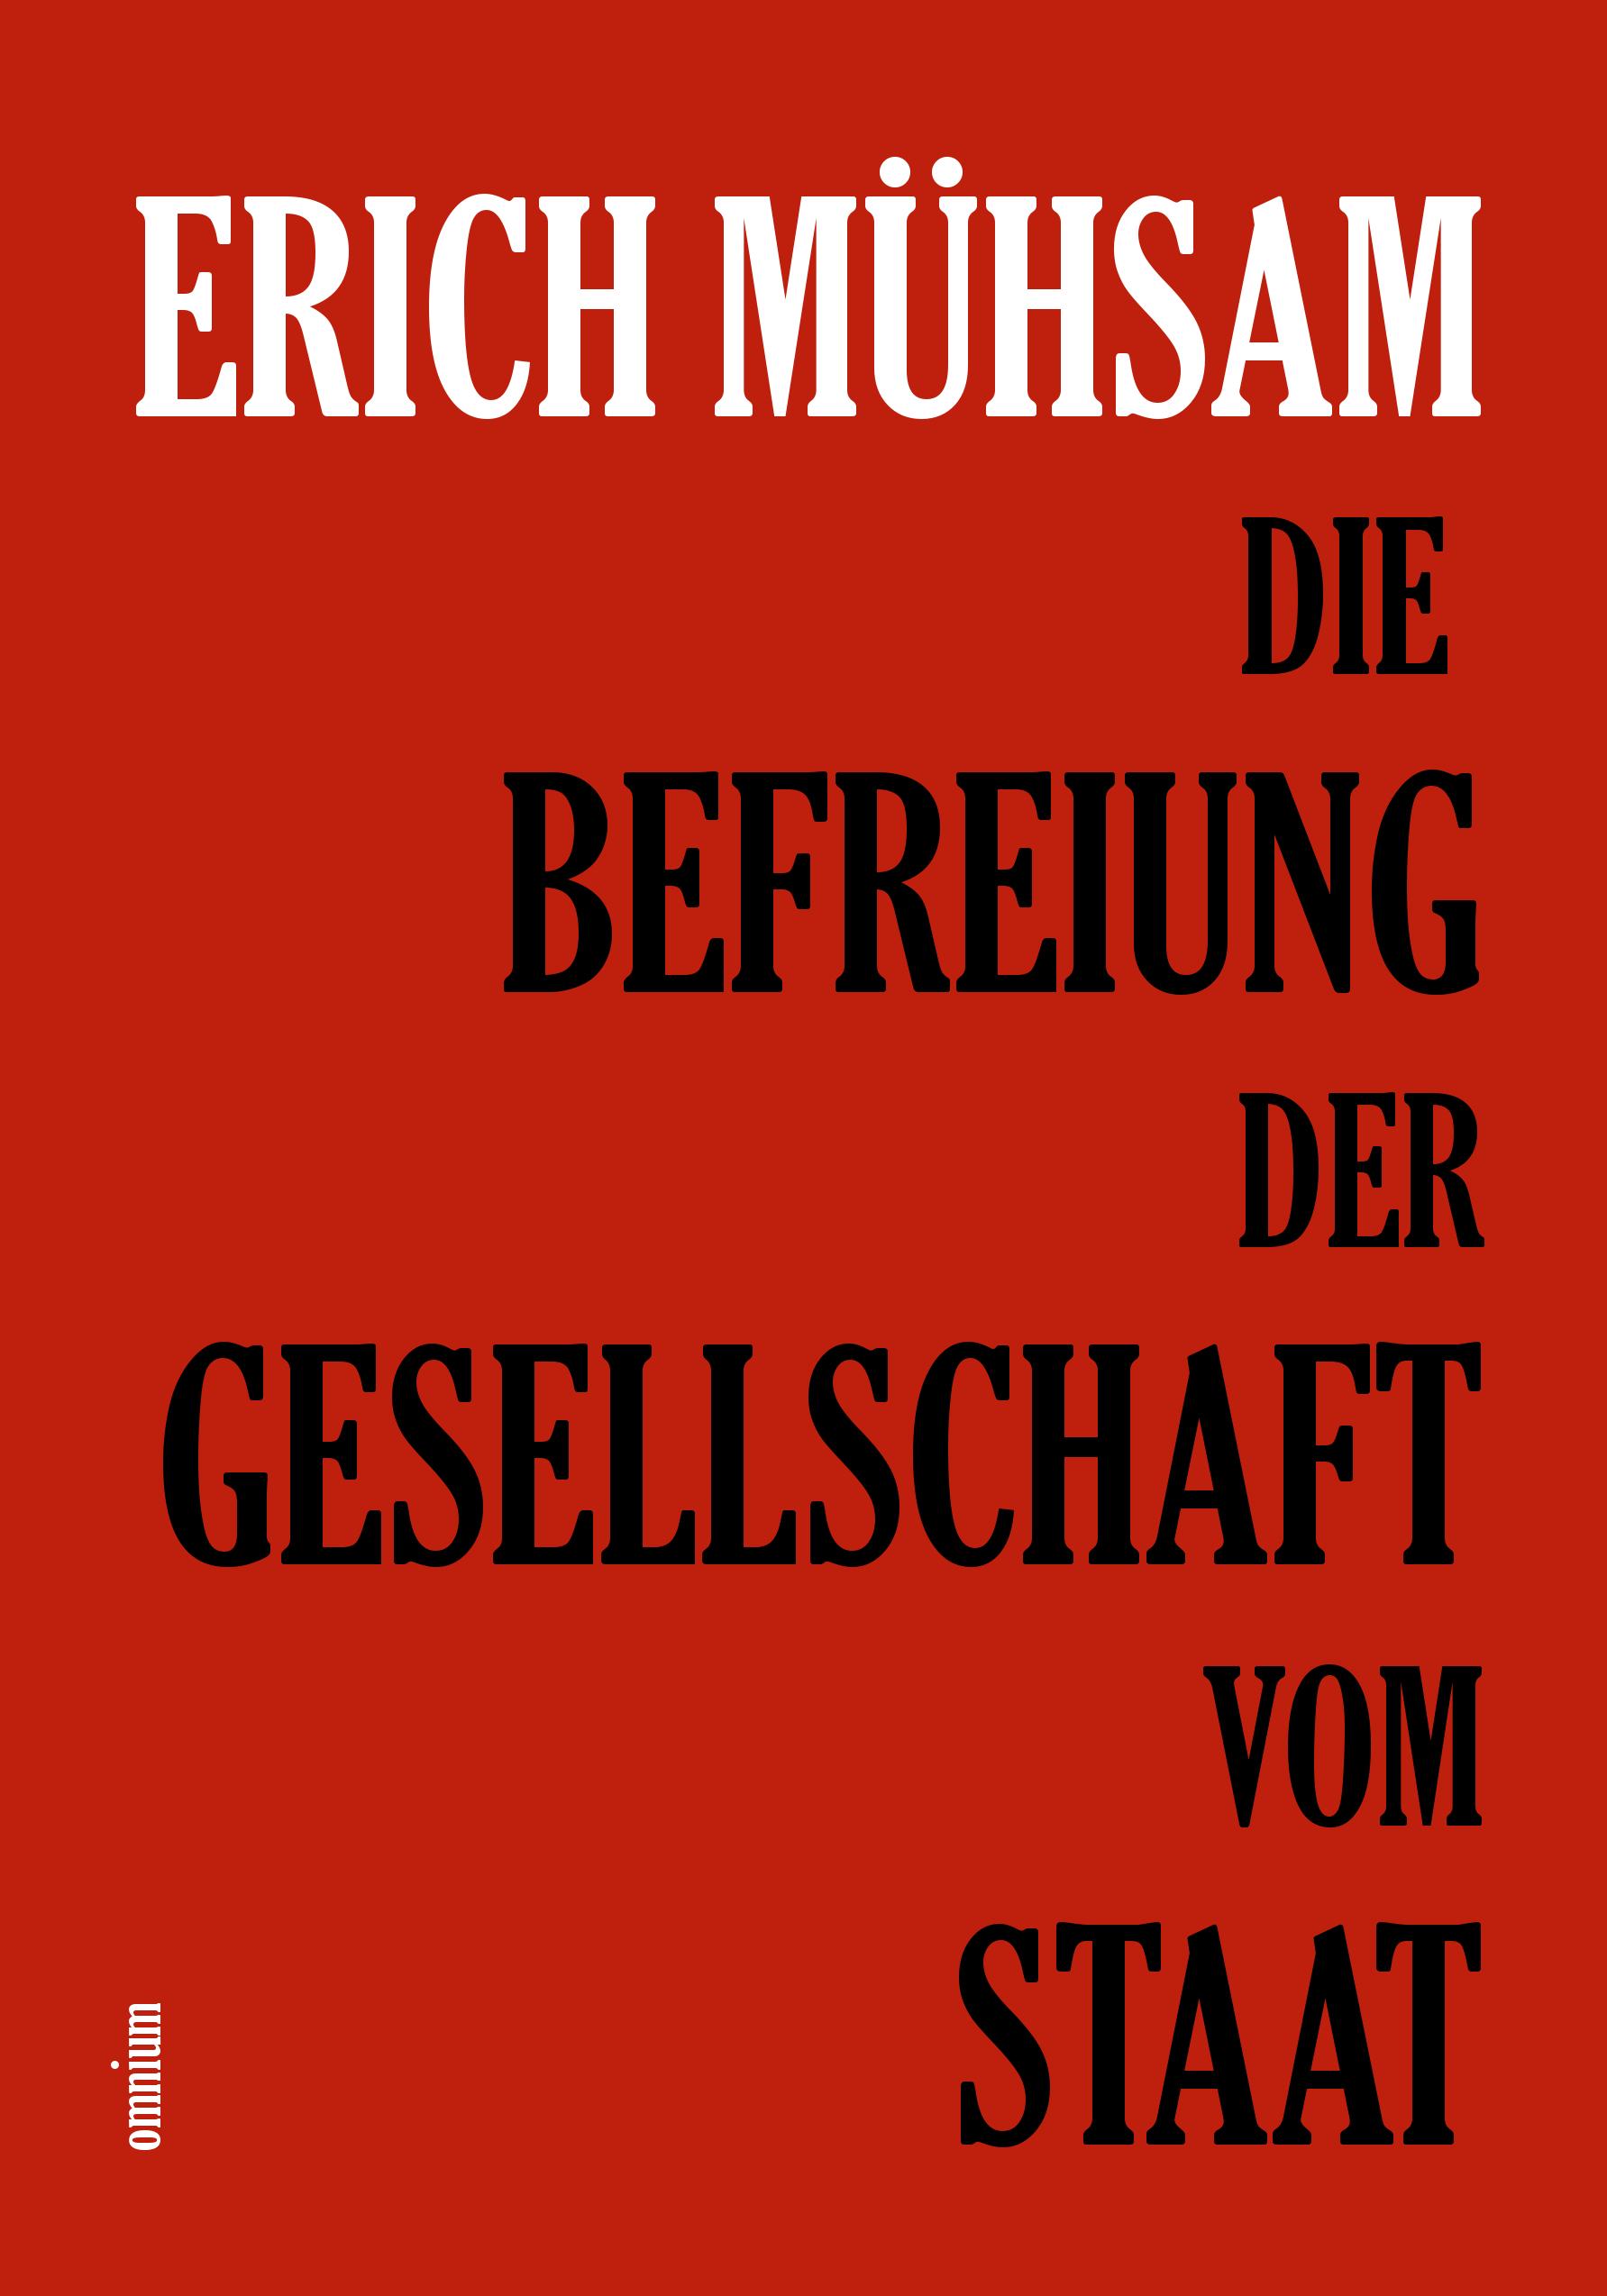 Die Befreiung der Gesellschaft vom Staat - Erich Mühsam